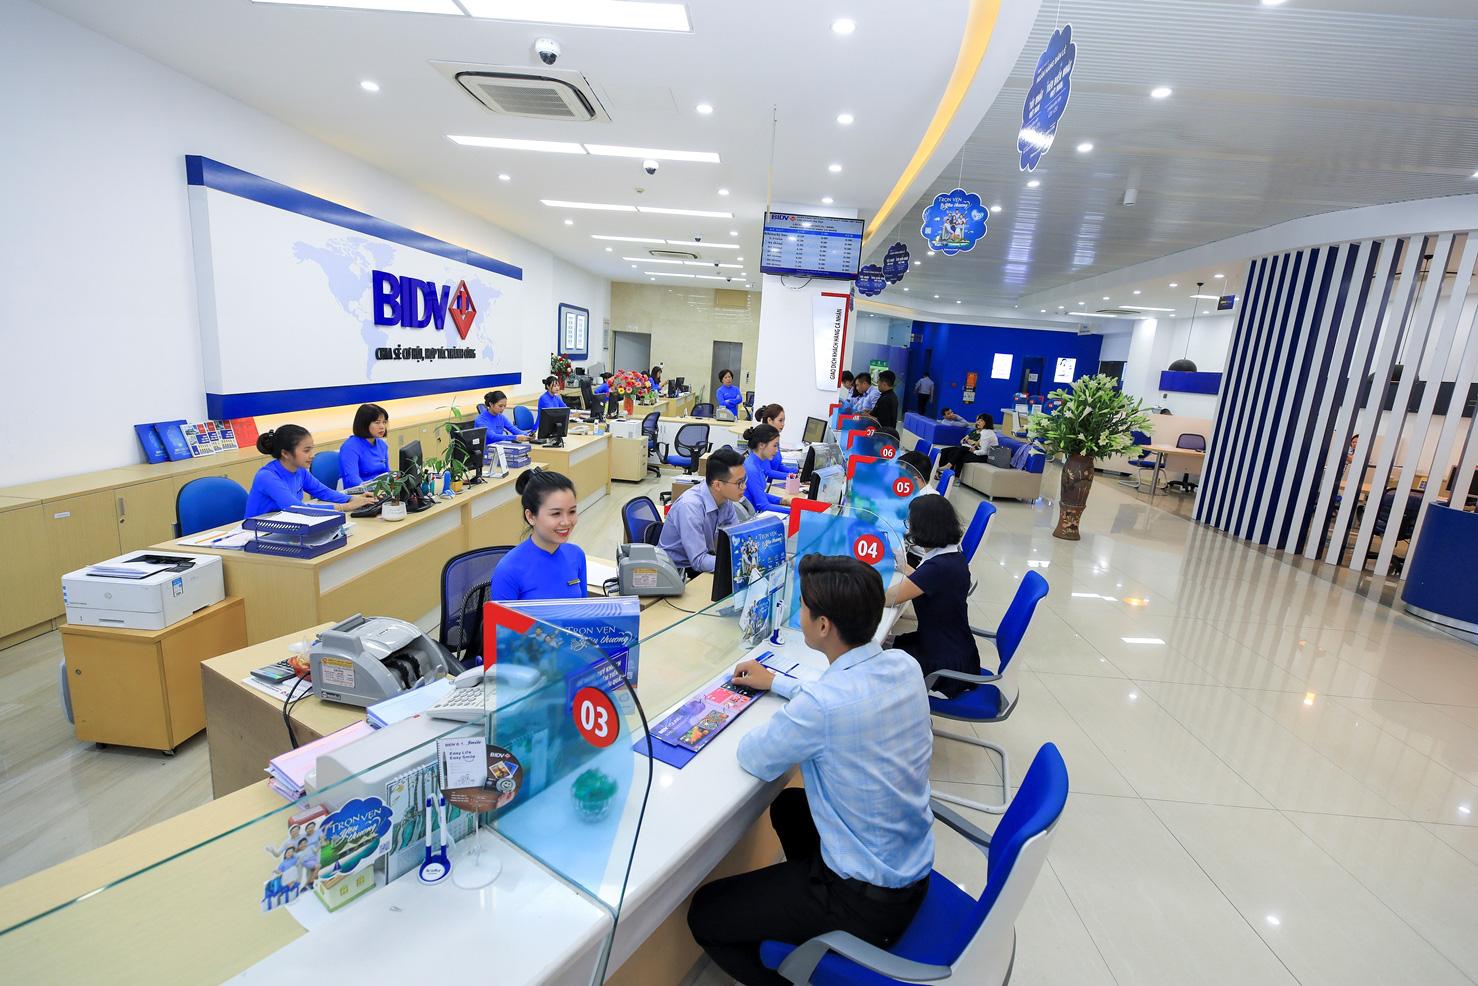 """BIDV được vinh danh""""Ngân hàng giao dịch tốt nhất Việt Nam"""" và """"Ngân hàng Quản lý tiền tệ tốt nhất Việt Nam"""" - Ảnh 1."""